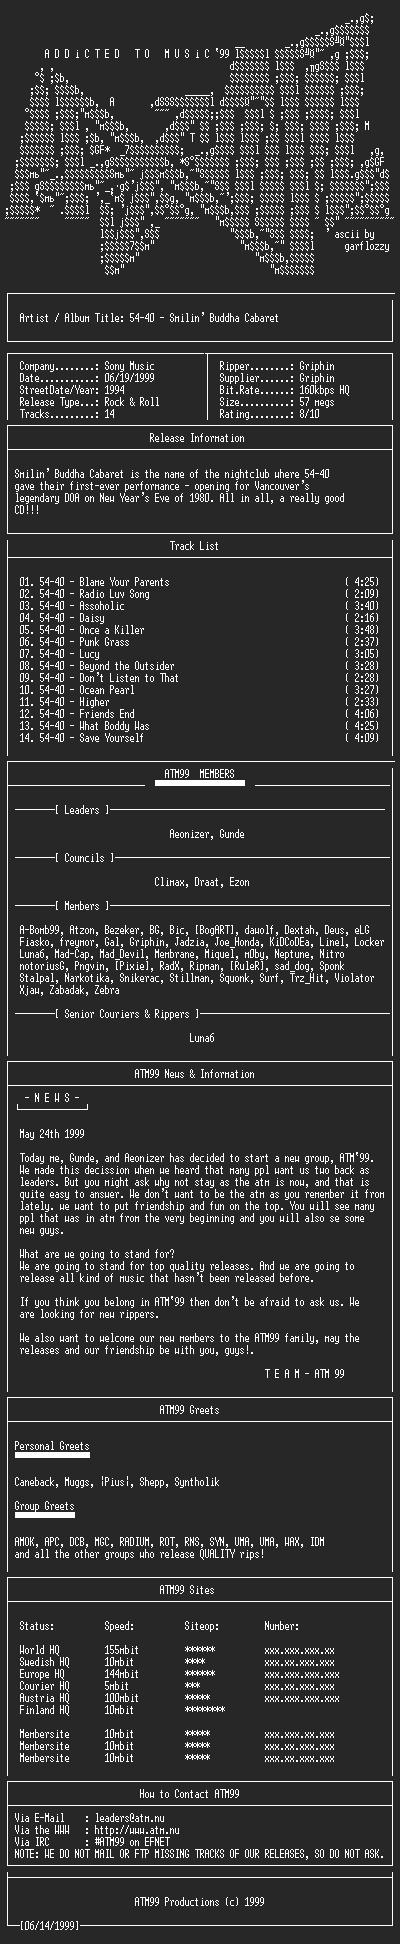 NFO file for 5440_-_Smilin_Buddha_Cabaret_-_(1994)-ATM99